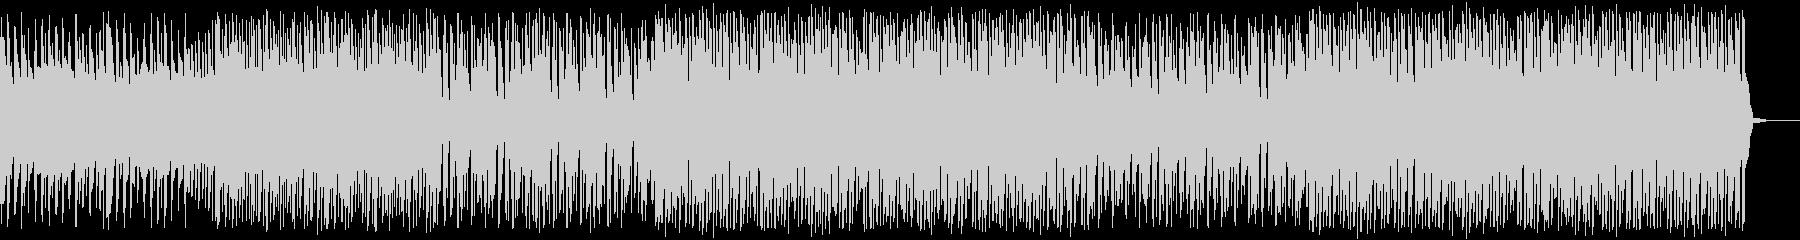 コミカルな探検BGM_No581_1の未再生の波形